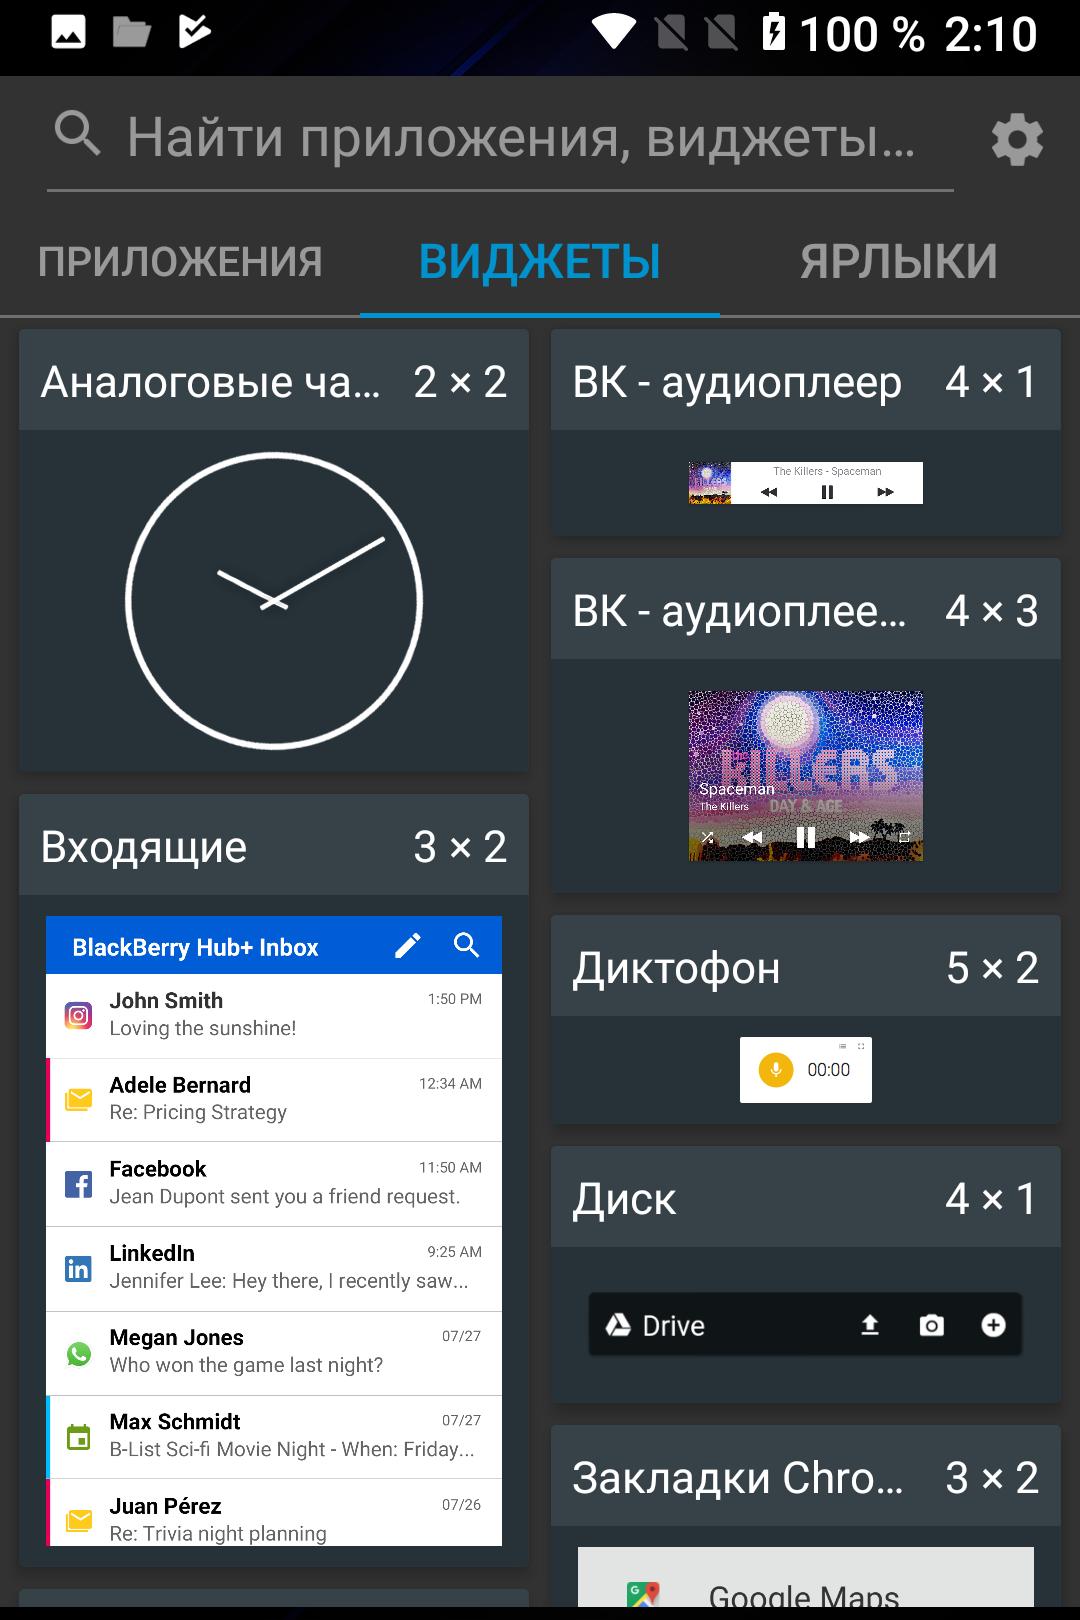 Обзор популярных виджетов для сайта